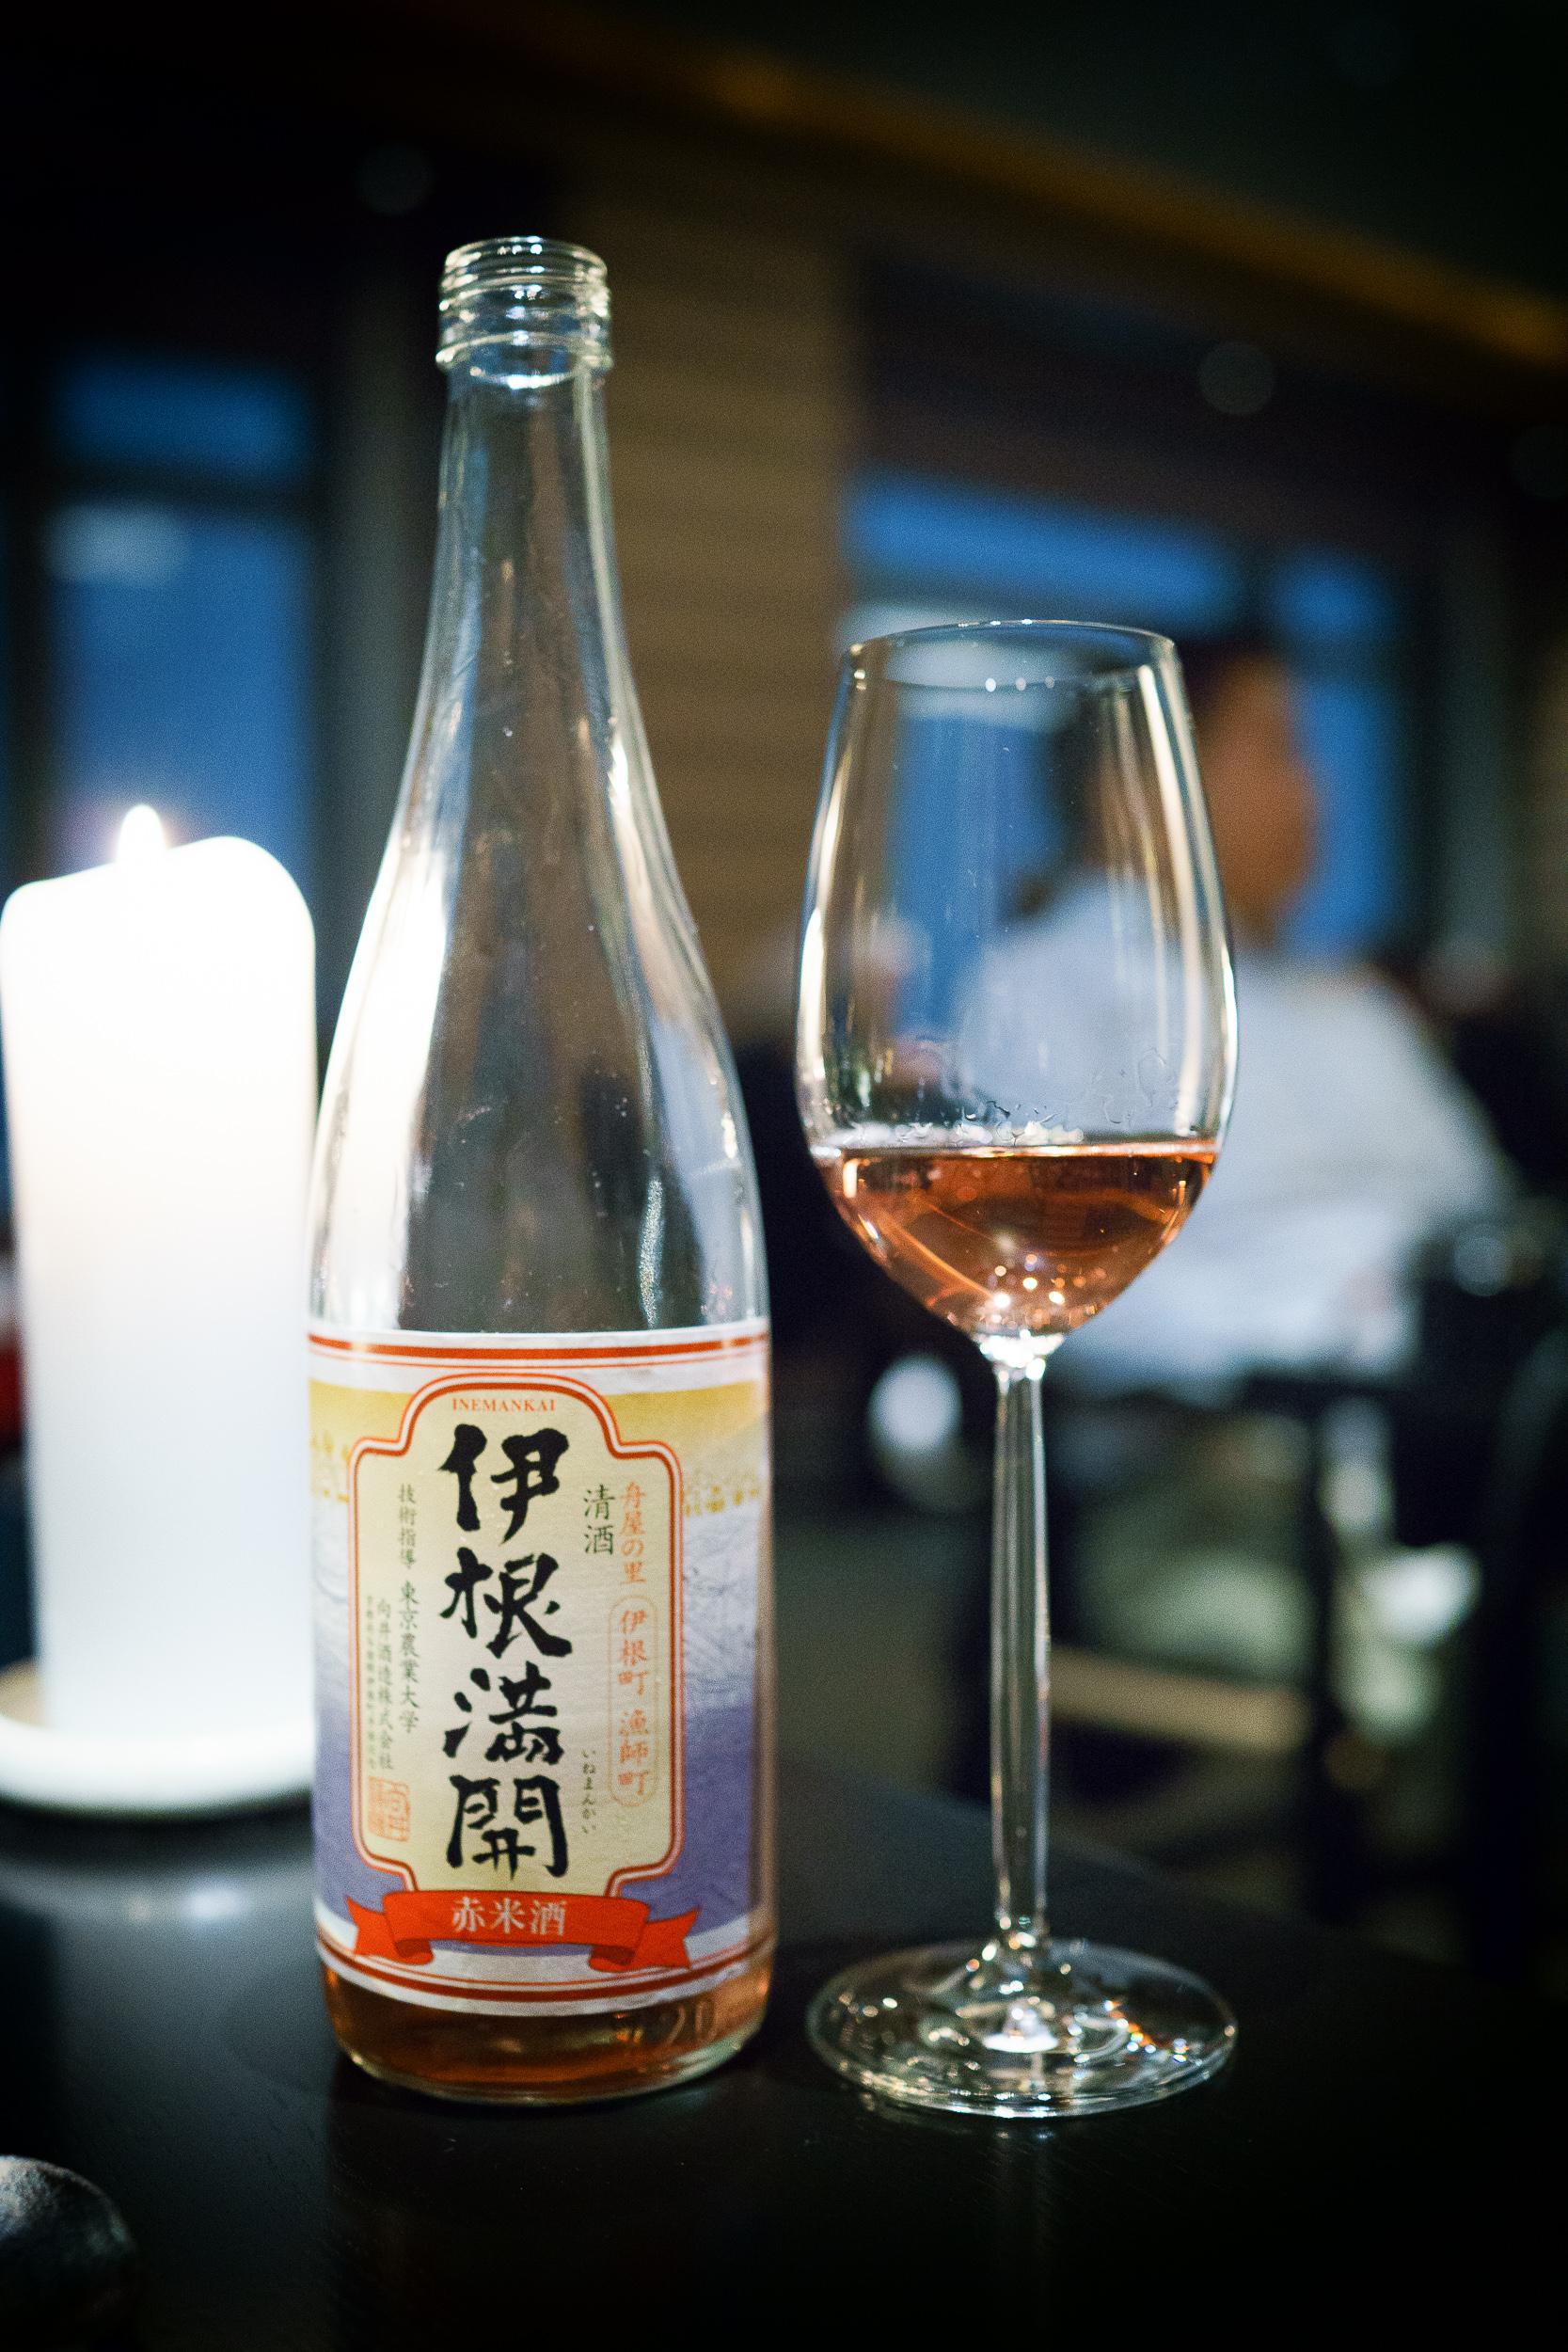 Ine Mankai, Mukai Shuzo, Ine - Kyoto